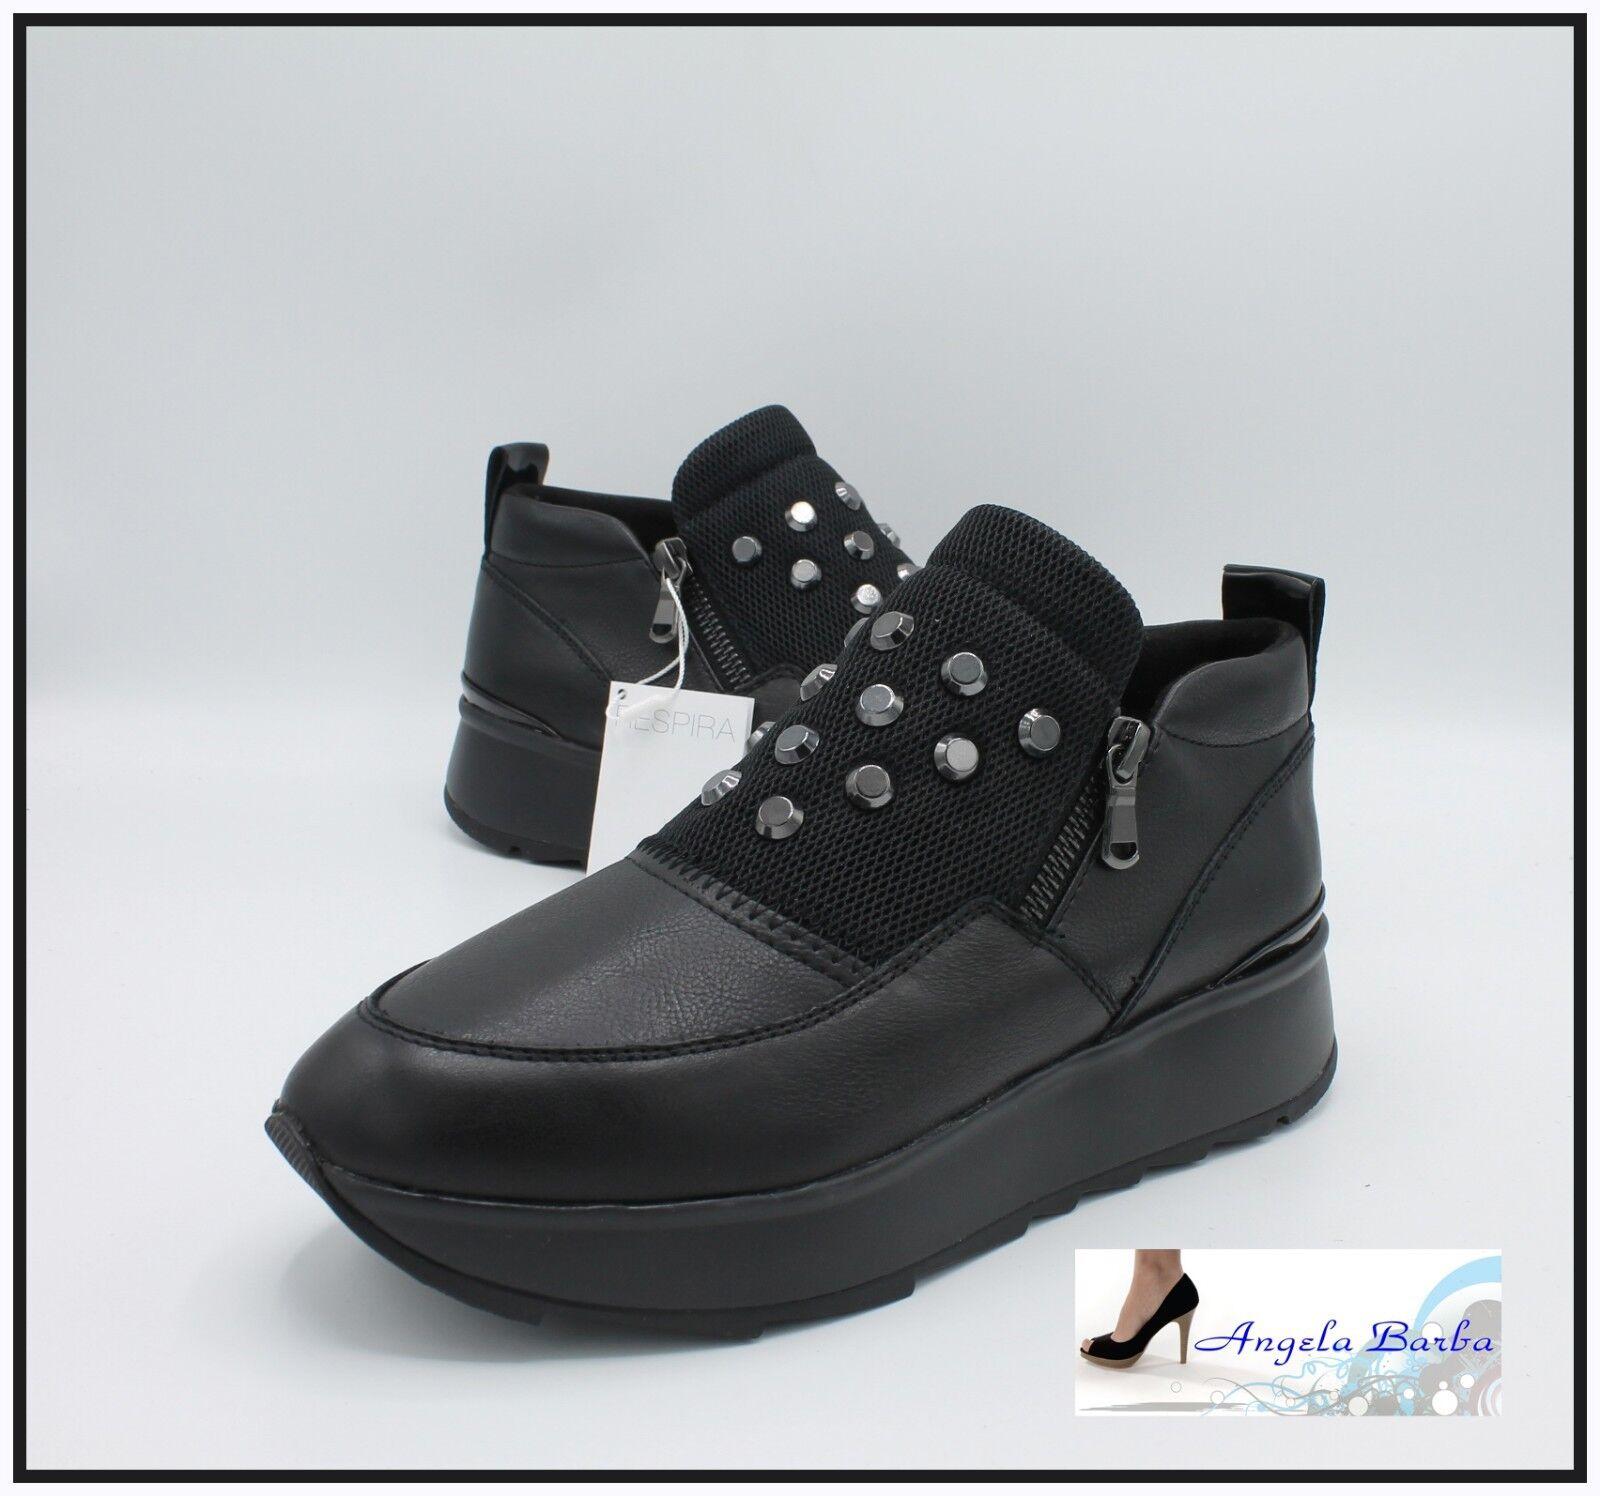 Geox shoes da women Invernale in Pelle Sneakers con Zeppa Platform black Slip On